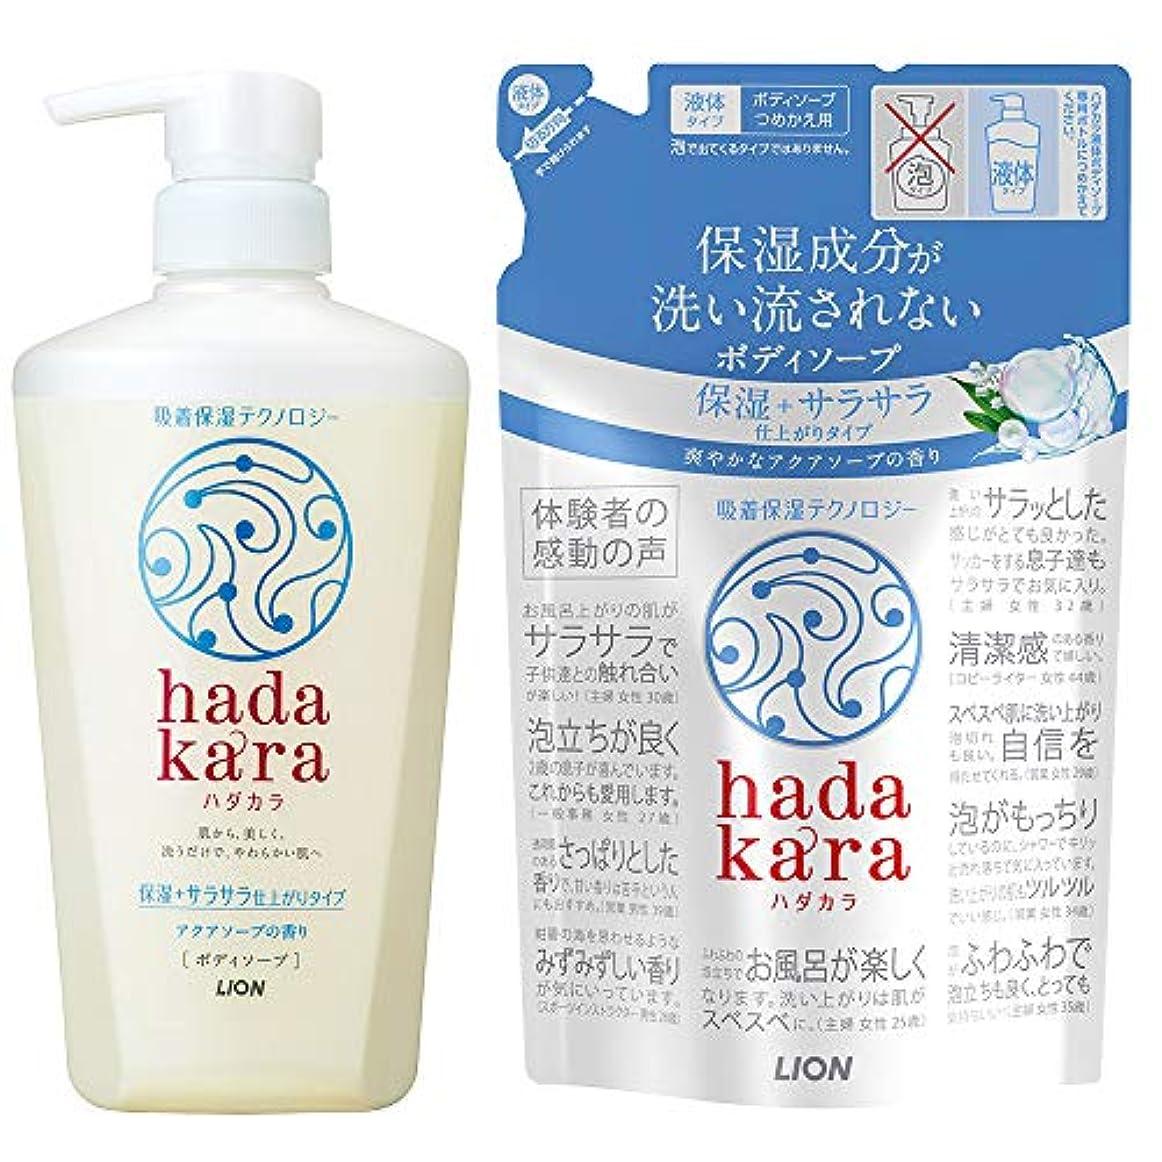 上大胆な篭hadakara(ハダカラ)ボディソープ 保湿+サラサラ仕上がりタイプ アクアソープの香り 本体 480ml + つめかえ 340ml